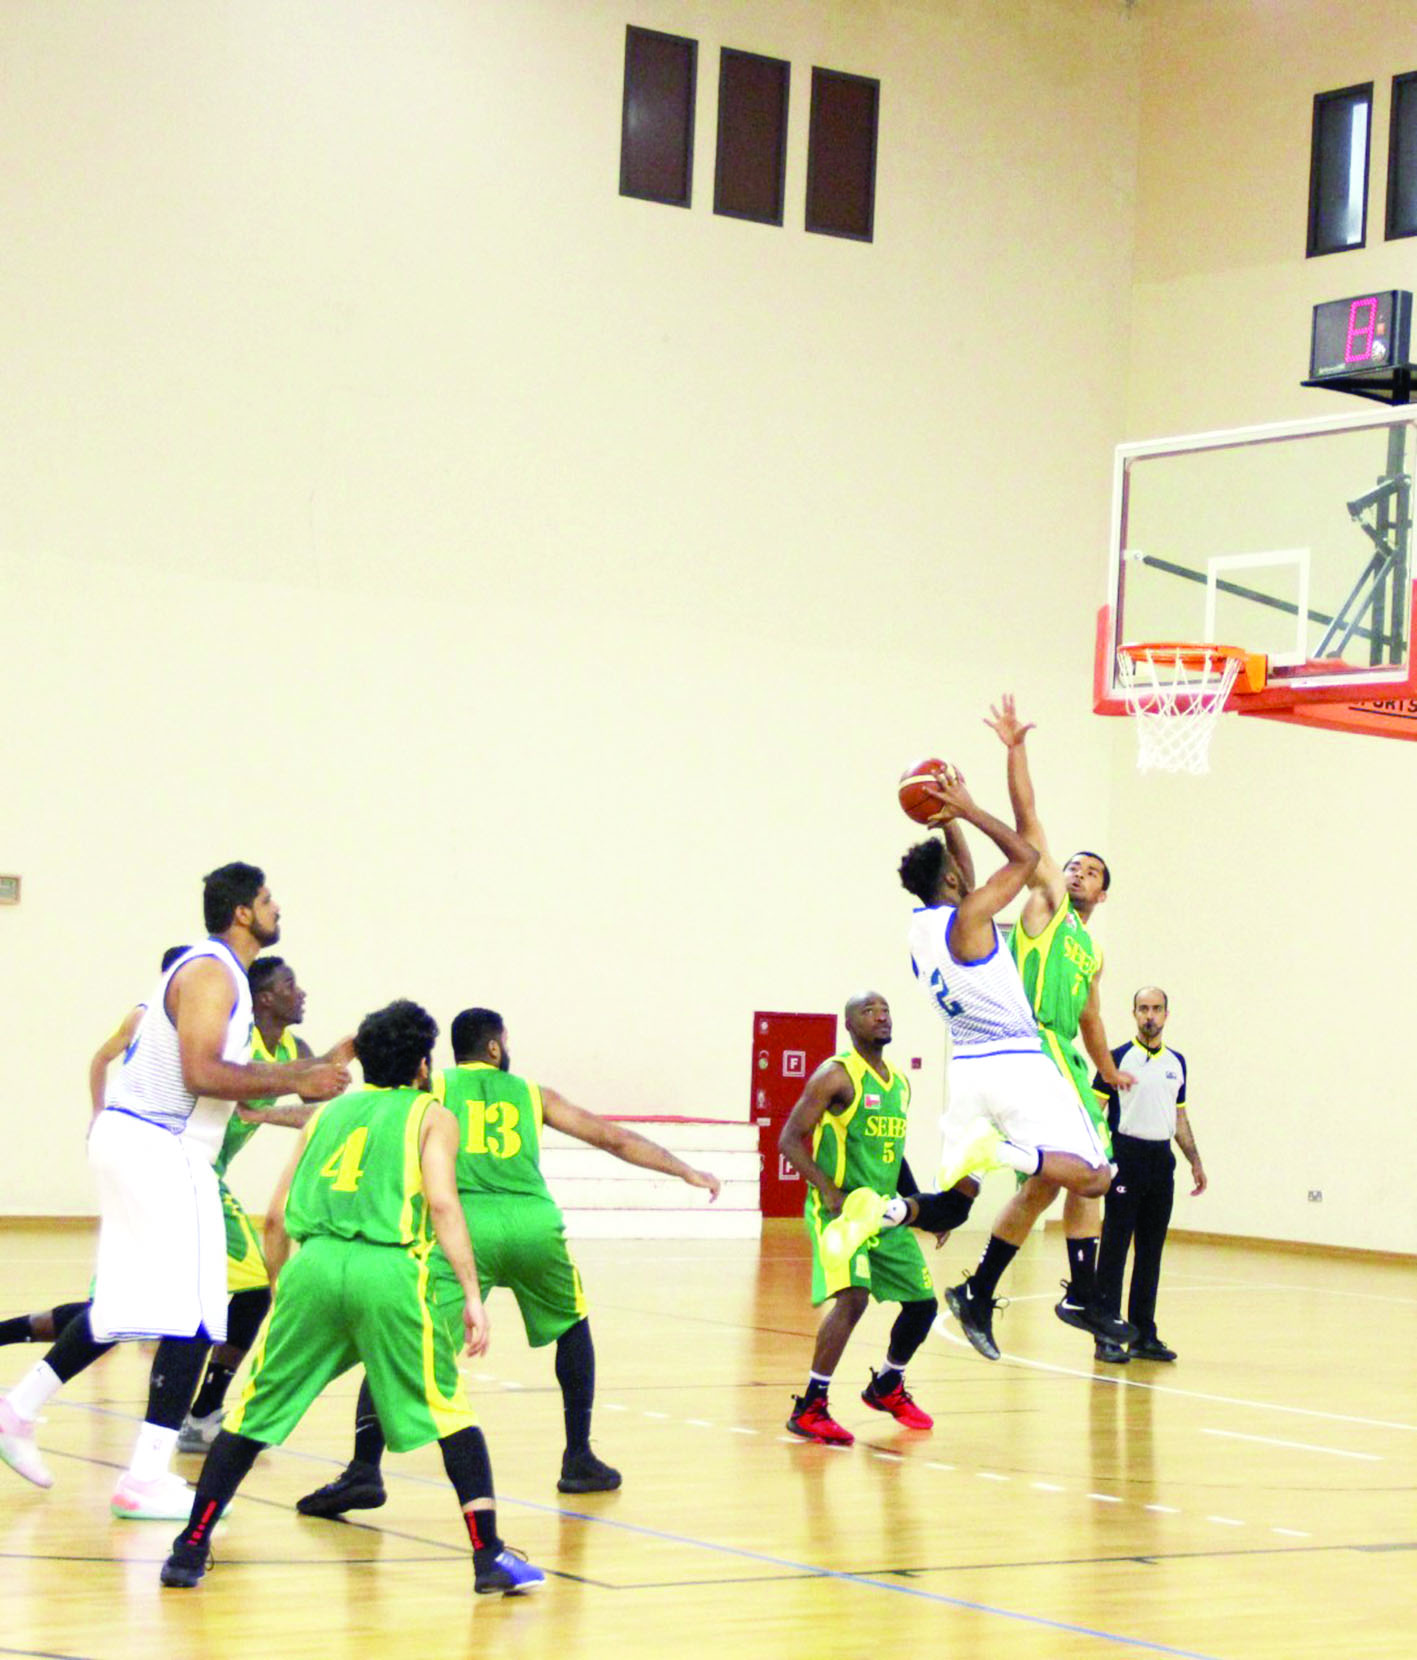 الجمعة.. انطلاق منافسات درع وزارة الشؤون الرياضية لكرة السلة